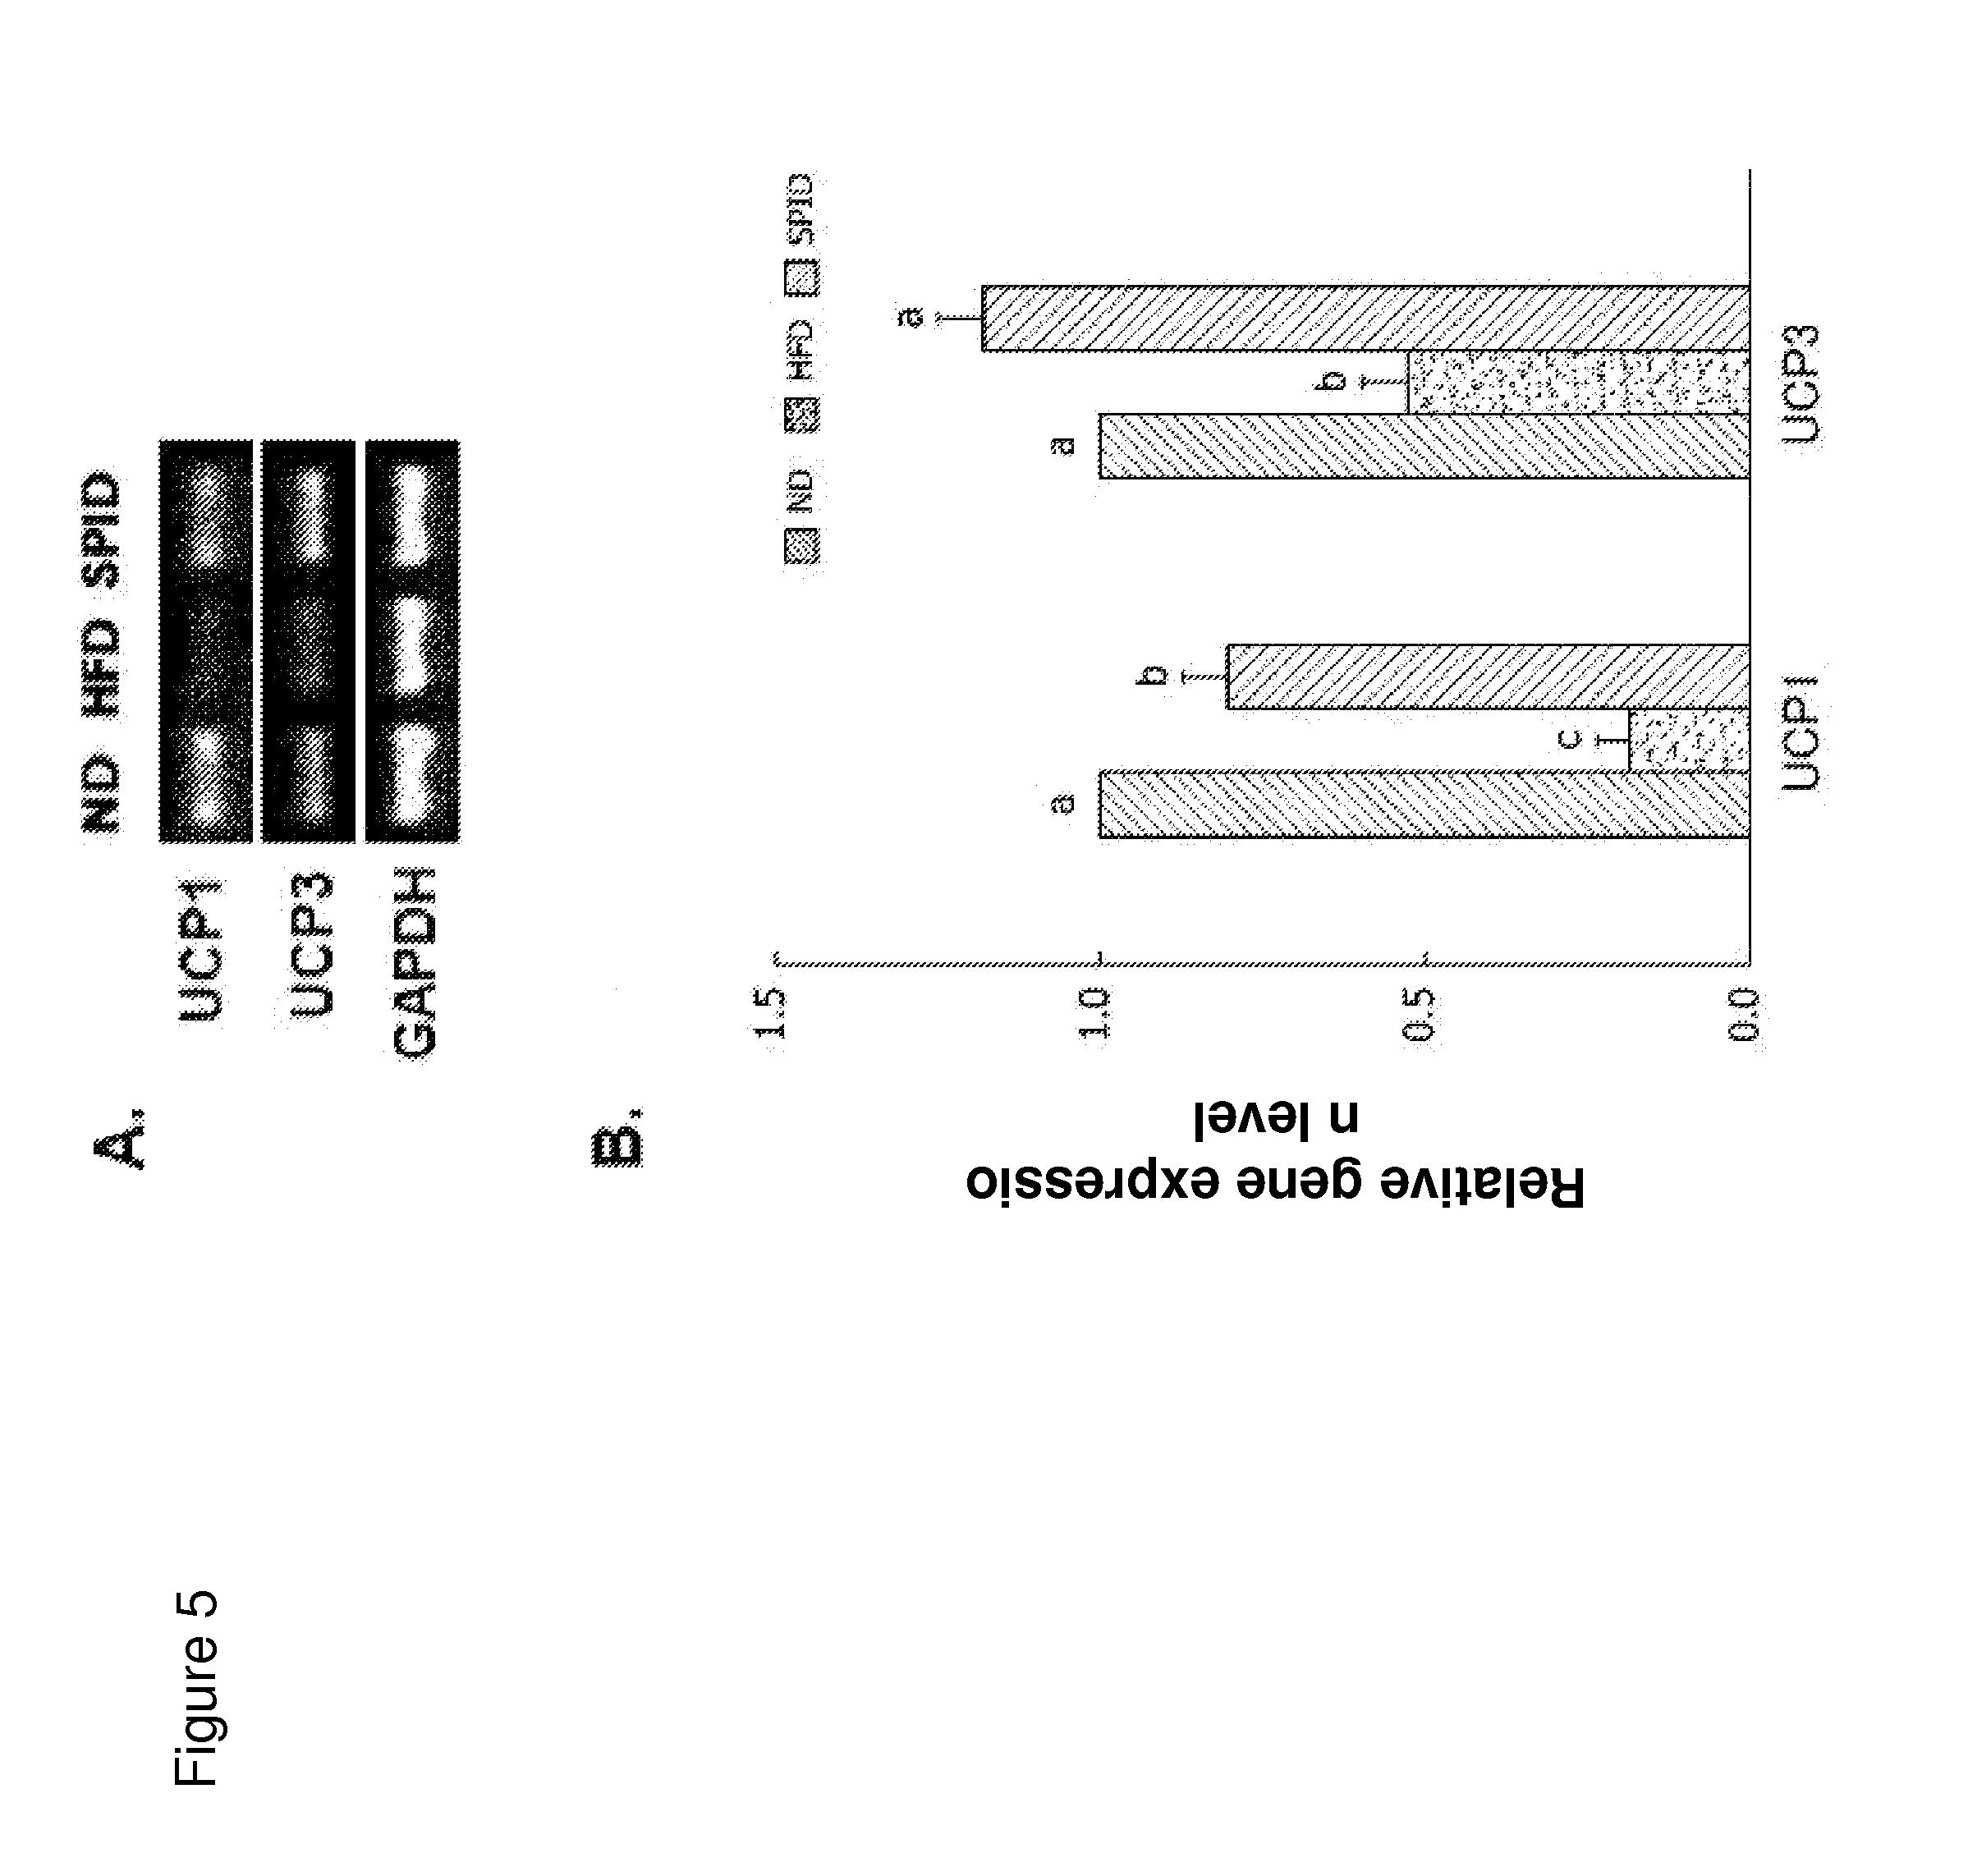 glucophage metformin